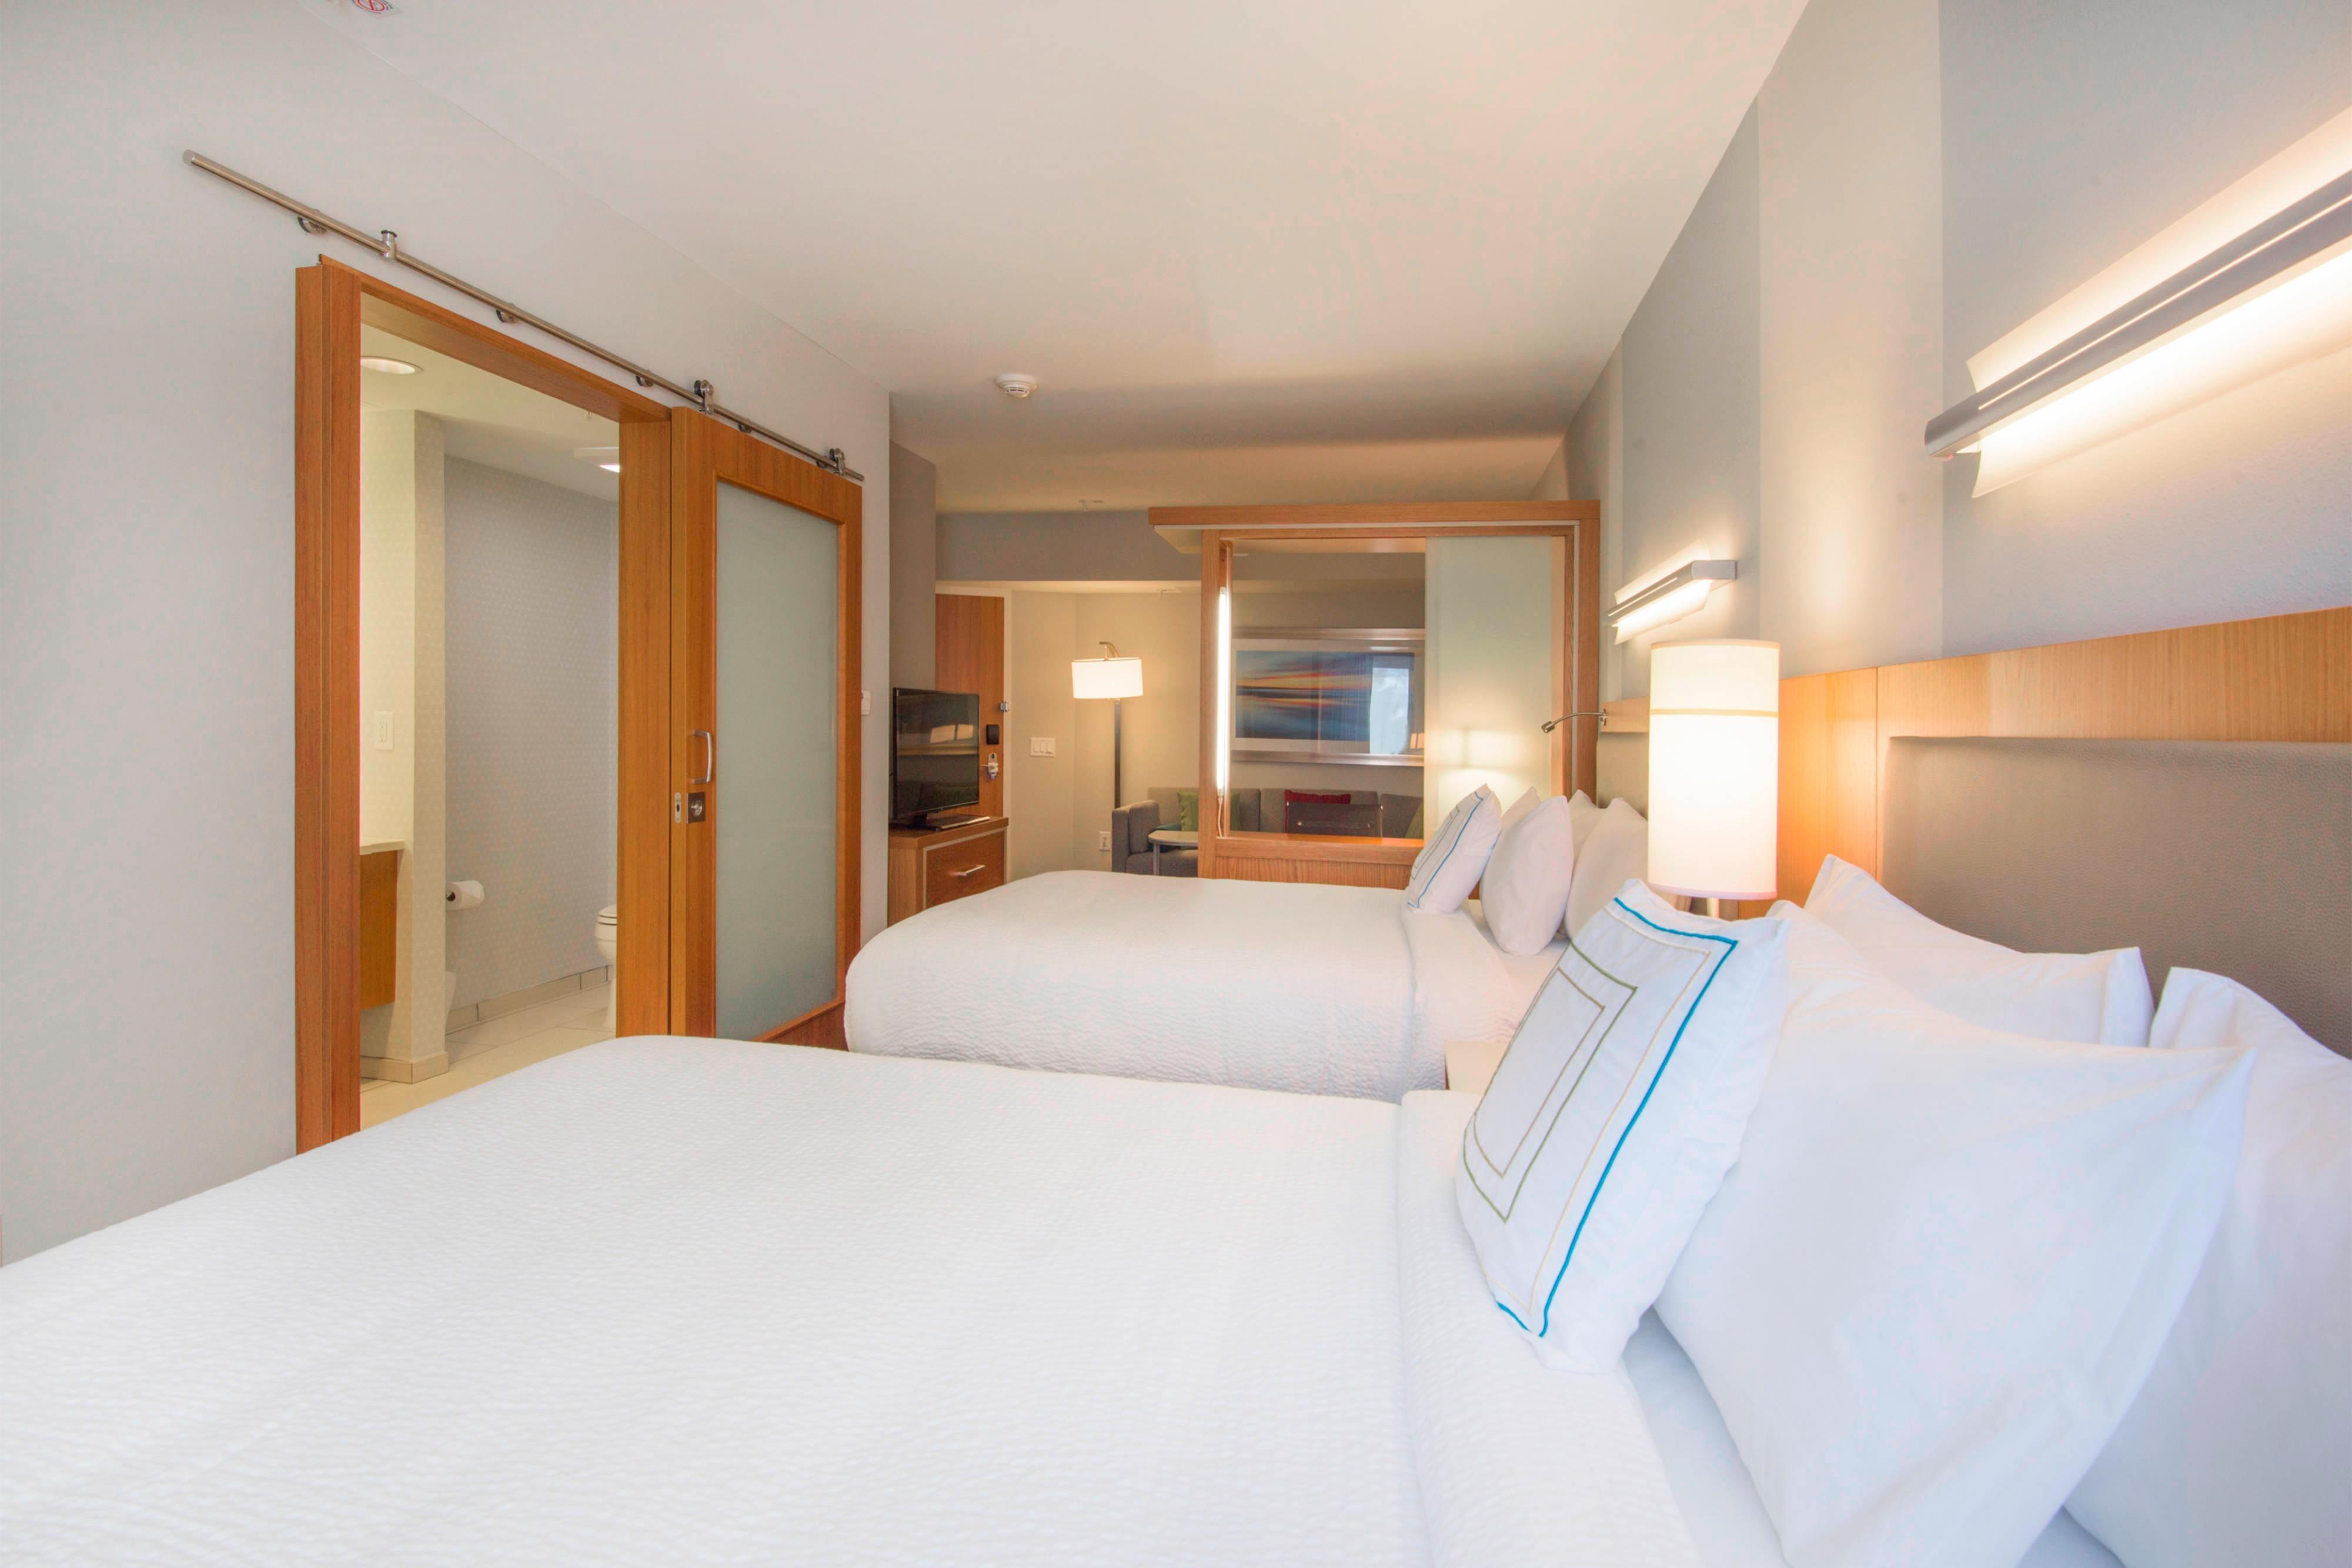 Two Queen Beds in Sleeping Area